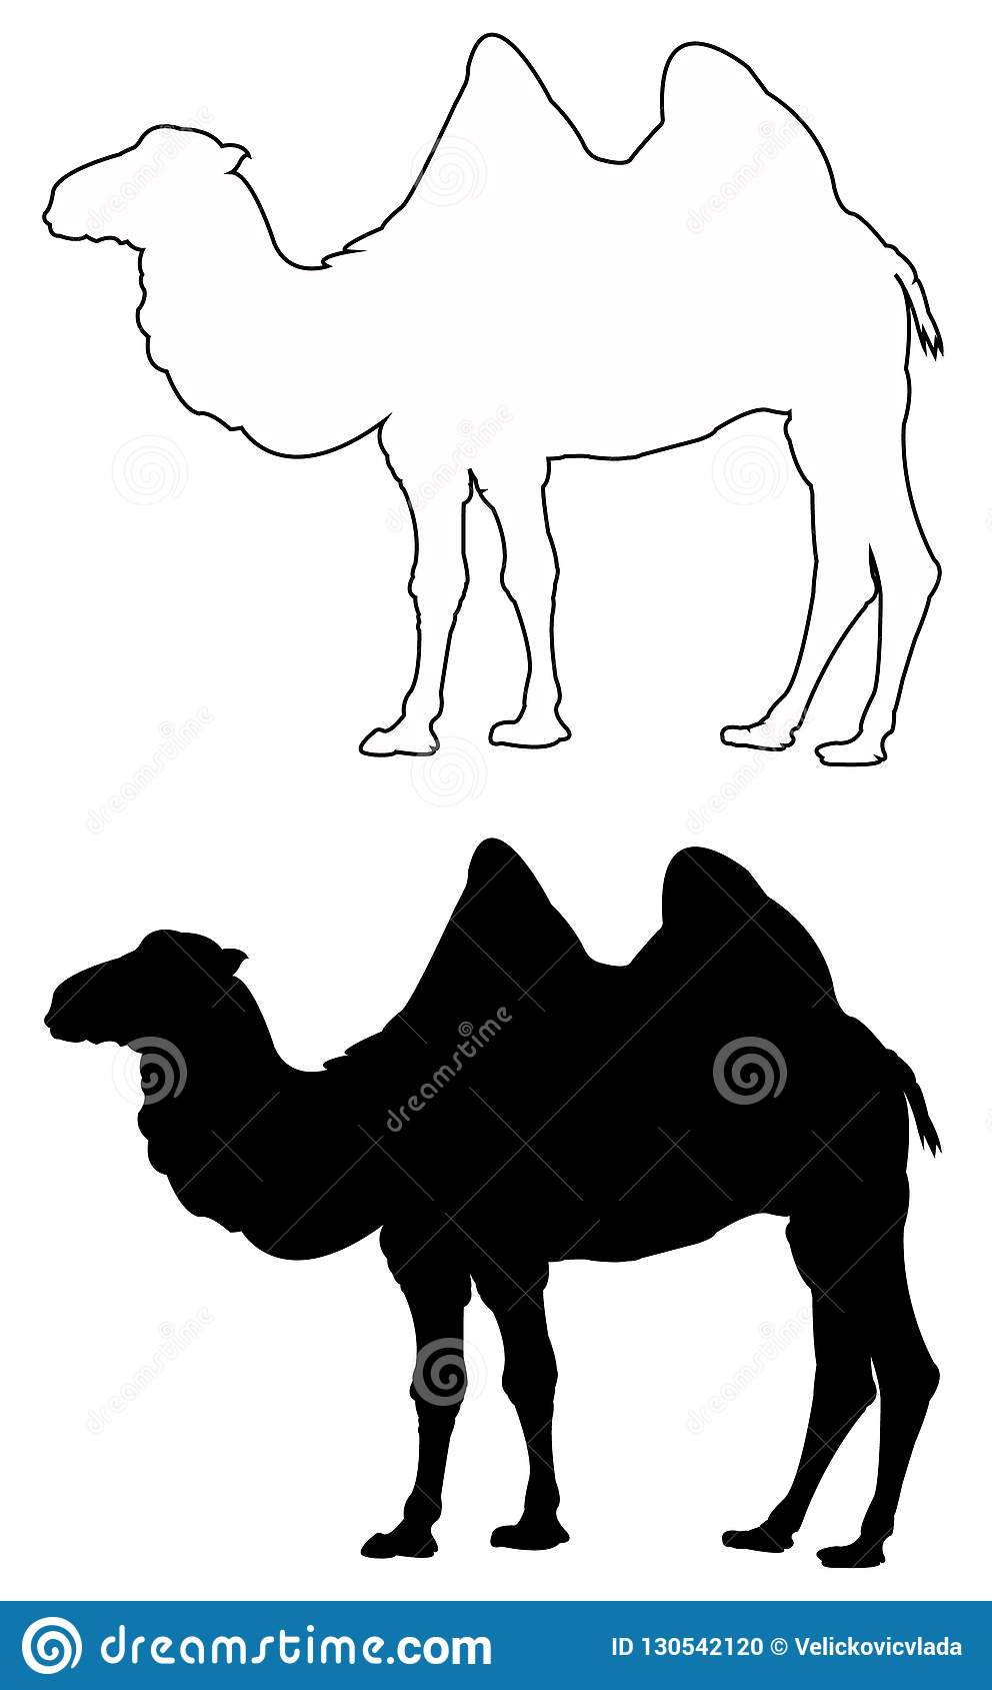 Camel silhouette - wildlife animal